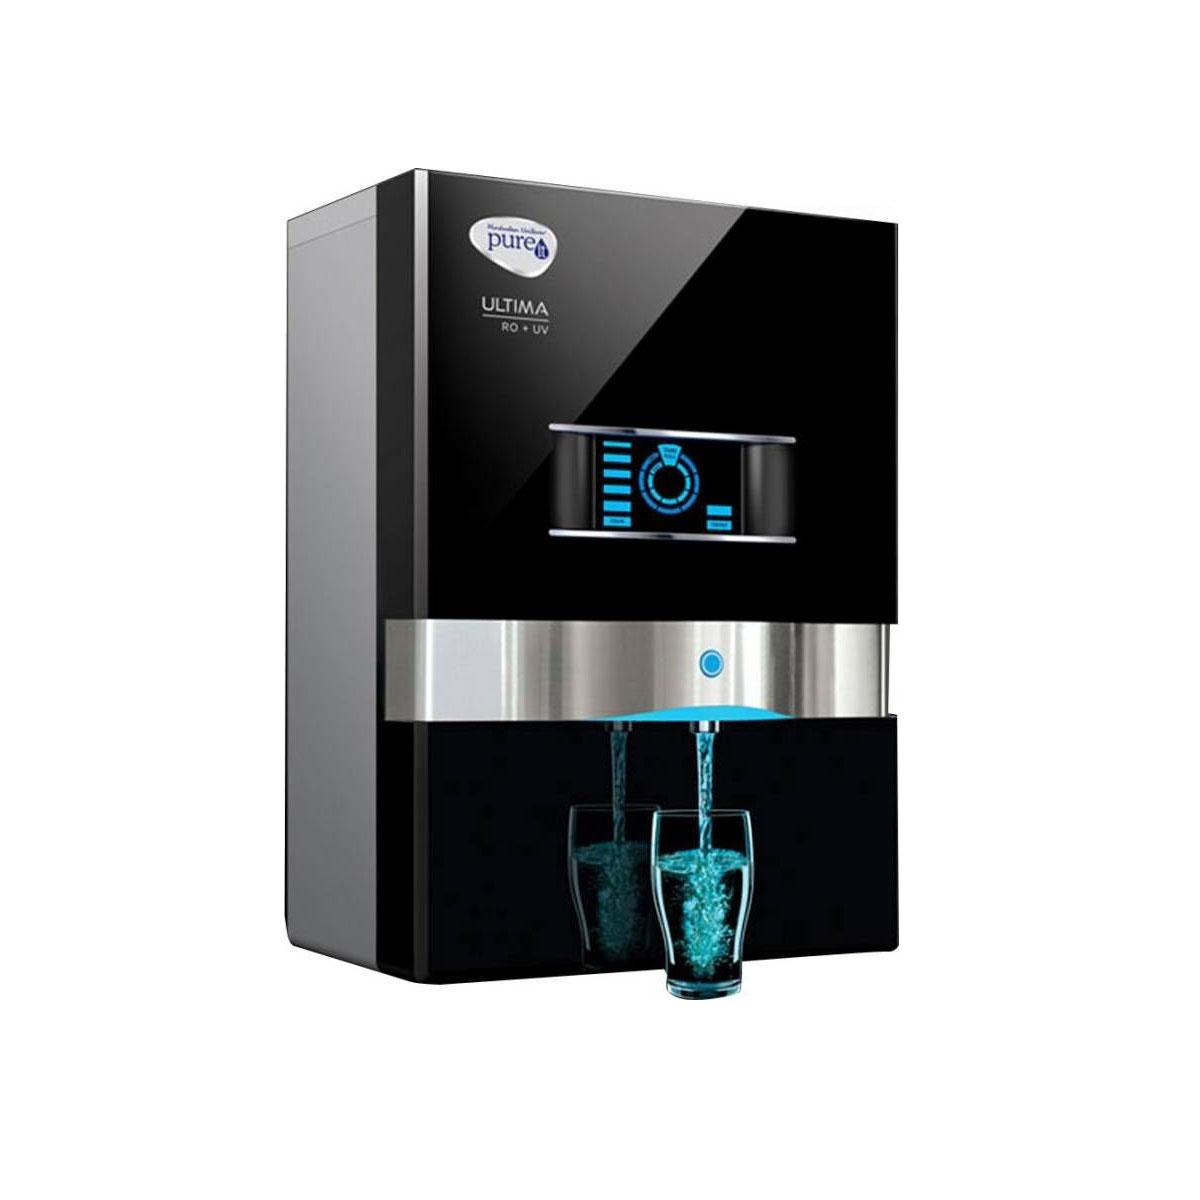 Kinh nghiệm mua máy lọc nước nào tốt nhất cho gia đình 5